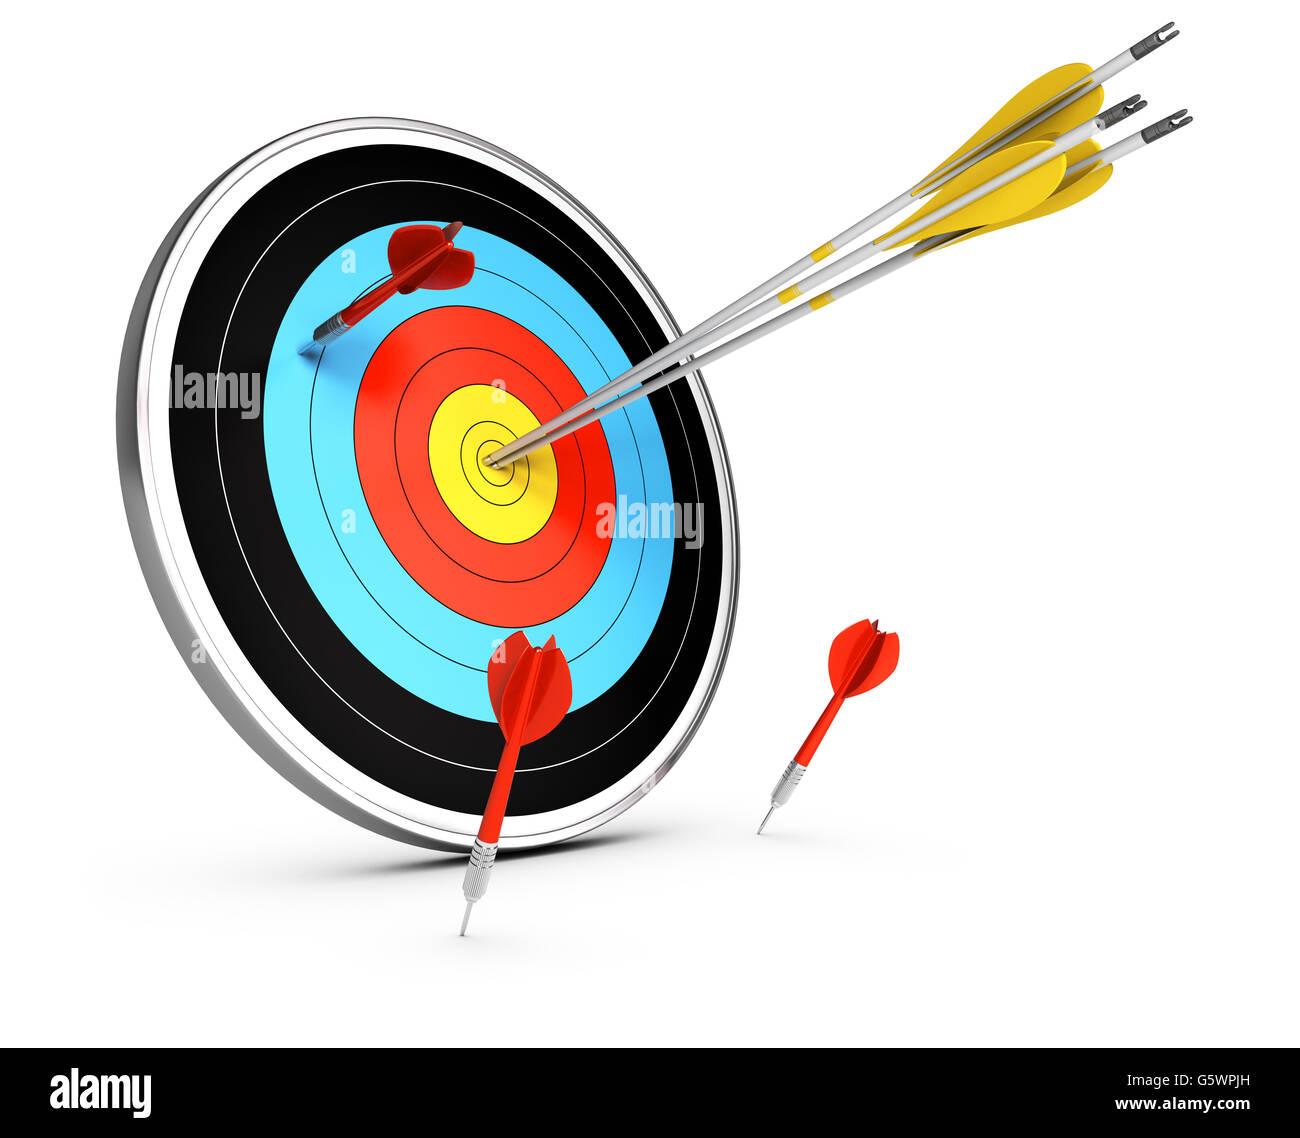 3D illustration de trois flèches de frapper le centre de la cible et de trois fléchettes failled d'atteindre Photo Stock